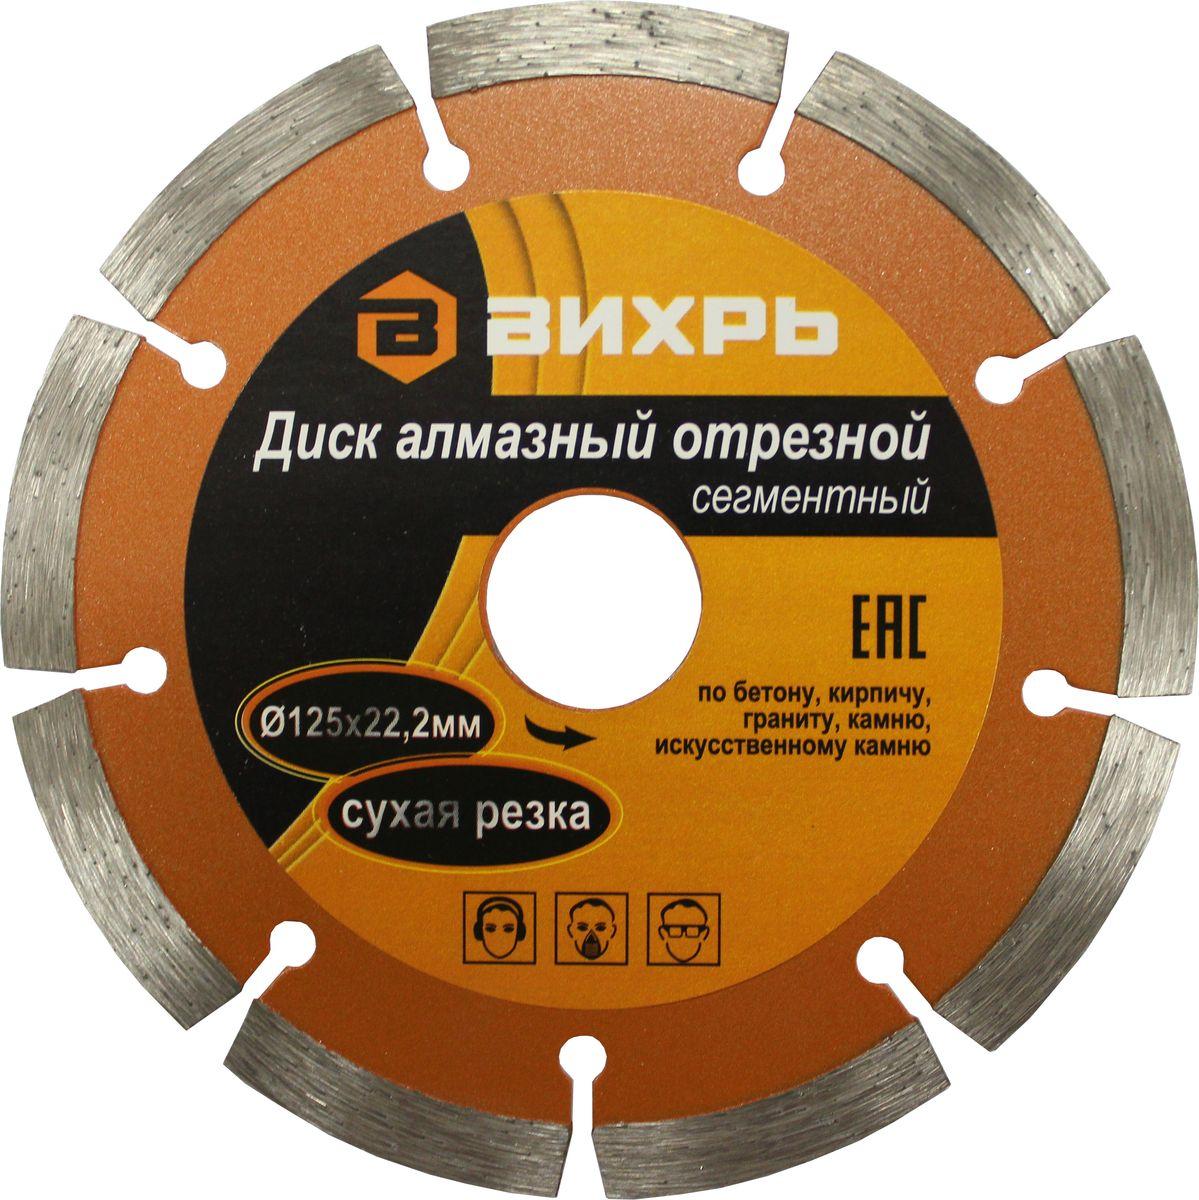 Диск алмазный отрезной Вихрь, сегментный, сухая резка, 125 х 22,2 мм диск алмазный отрезной сегментный sparta europa standard сухая резка 230 х 22 2 мм